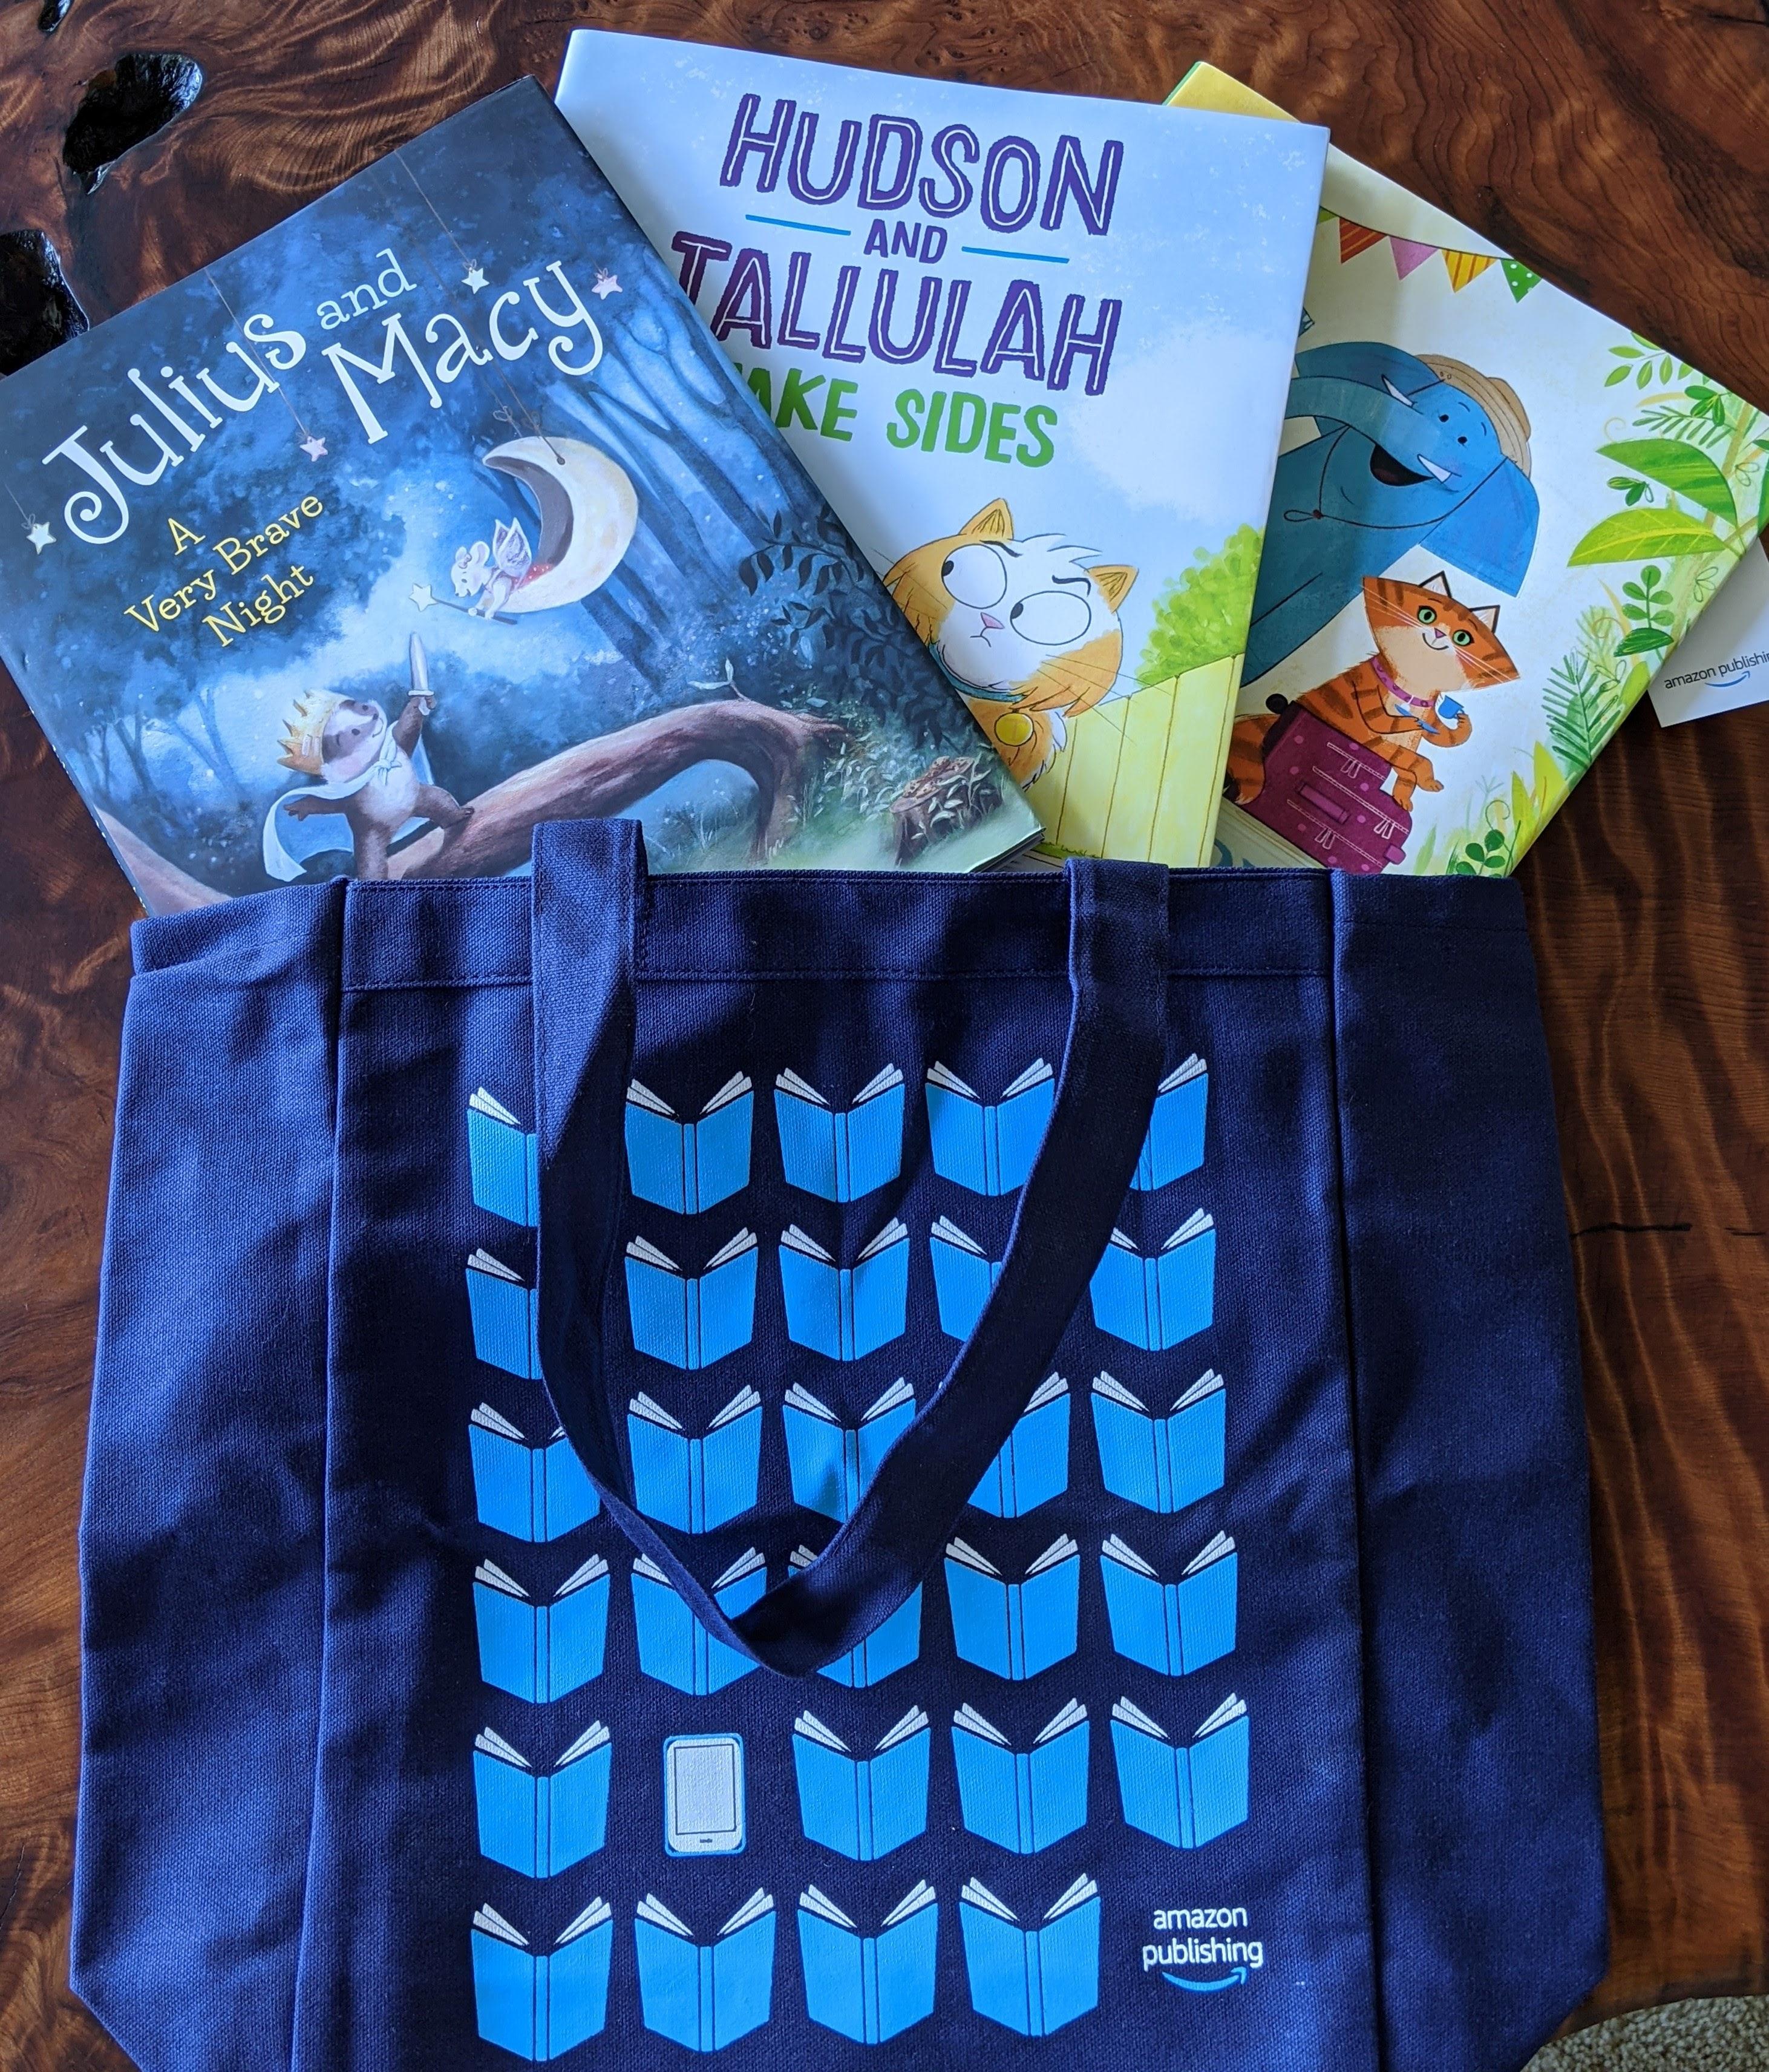 Amazon 2021 giveaway_3 books